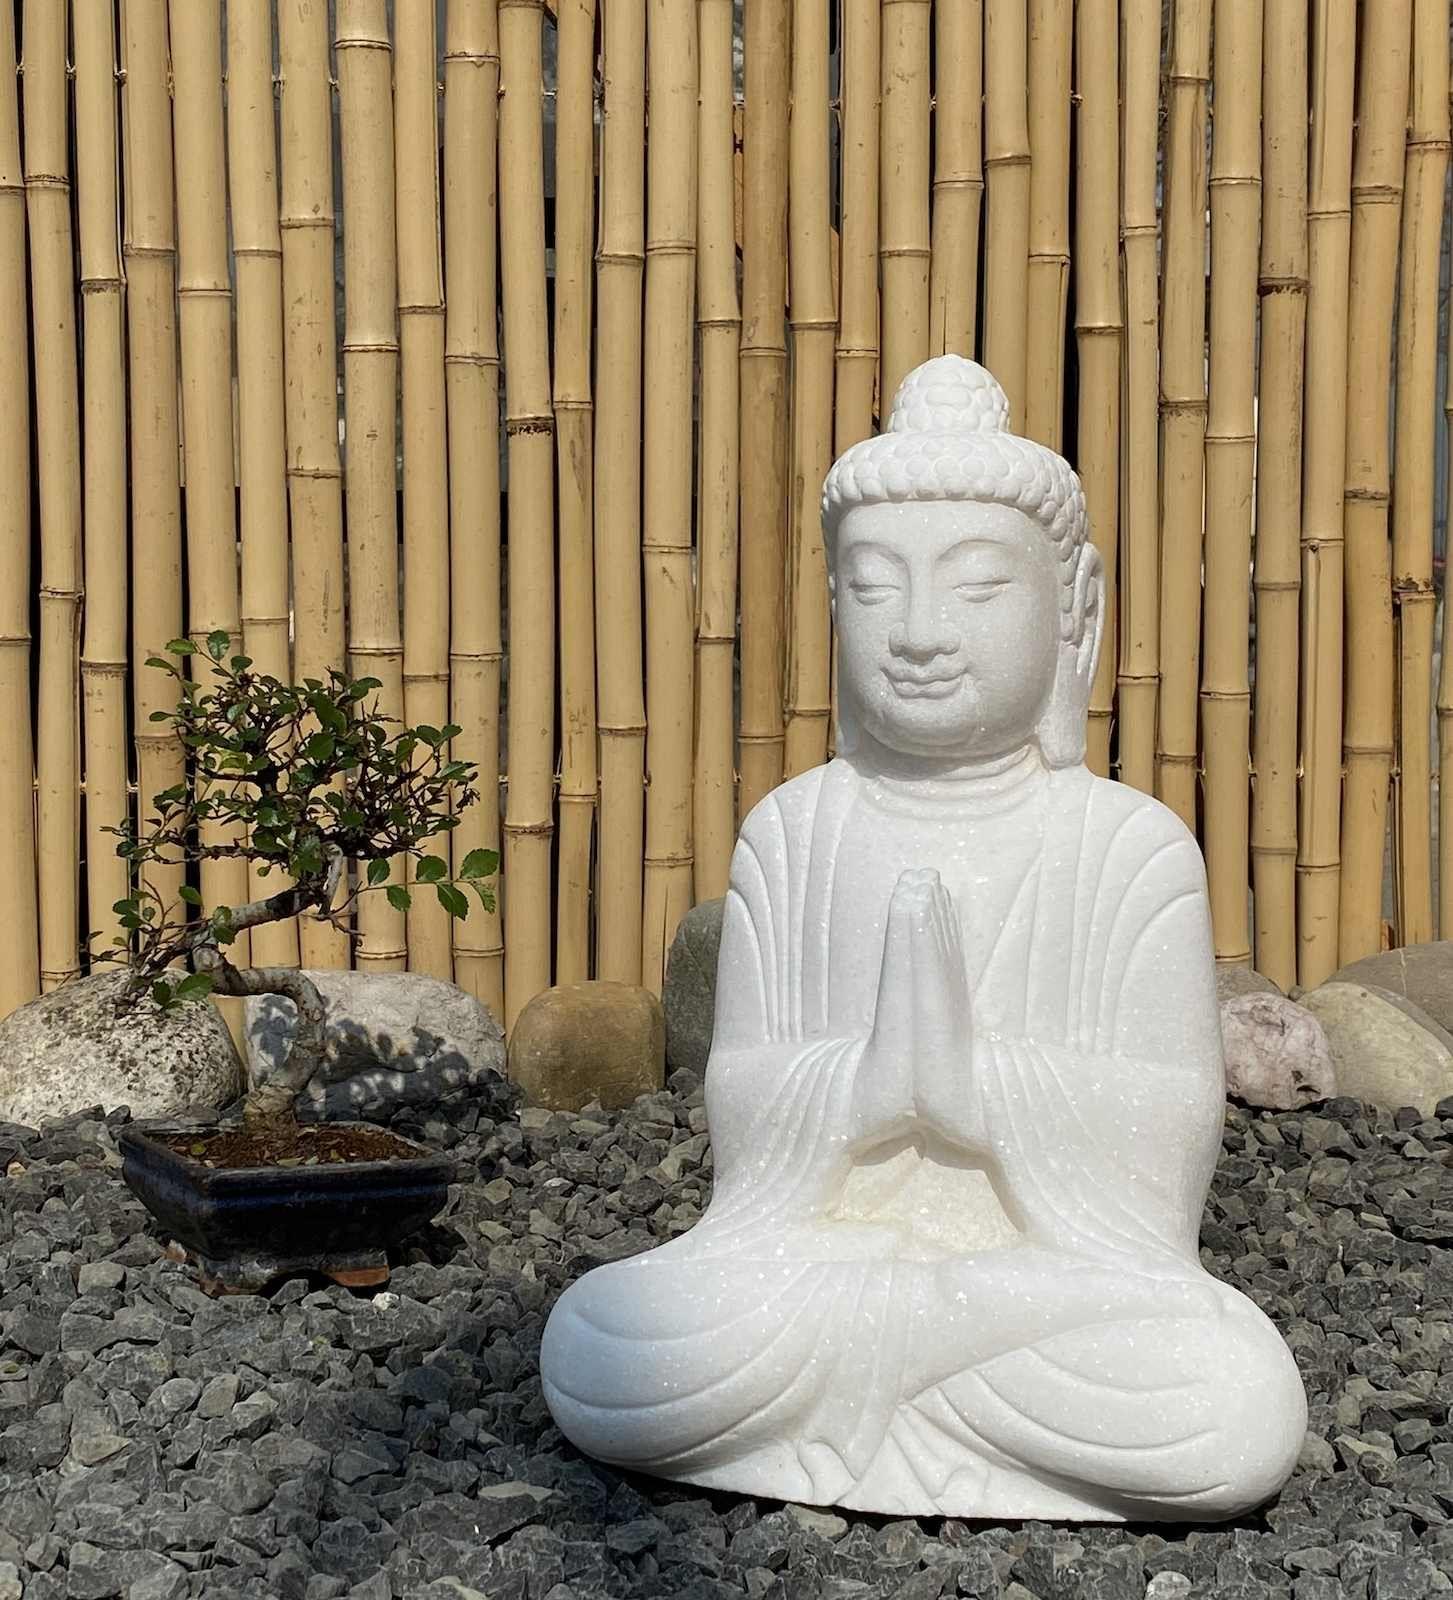 Buddha Statue Aus Weissem Marmorstein Namaskar Die Buddha Figur Aus Marmorstein Wurde Mit Der Betenden Handhaltung Darges In 2020 Lachender Buddha Buddha Figur Buddha